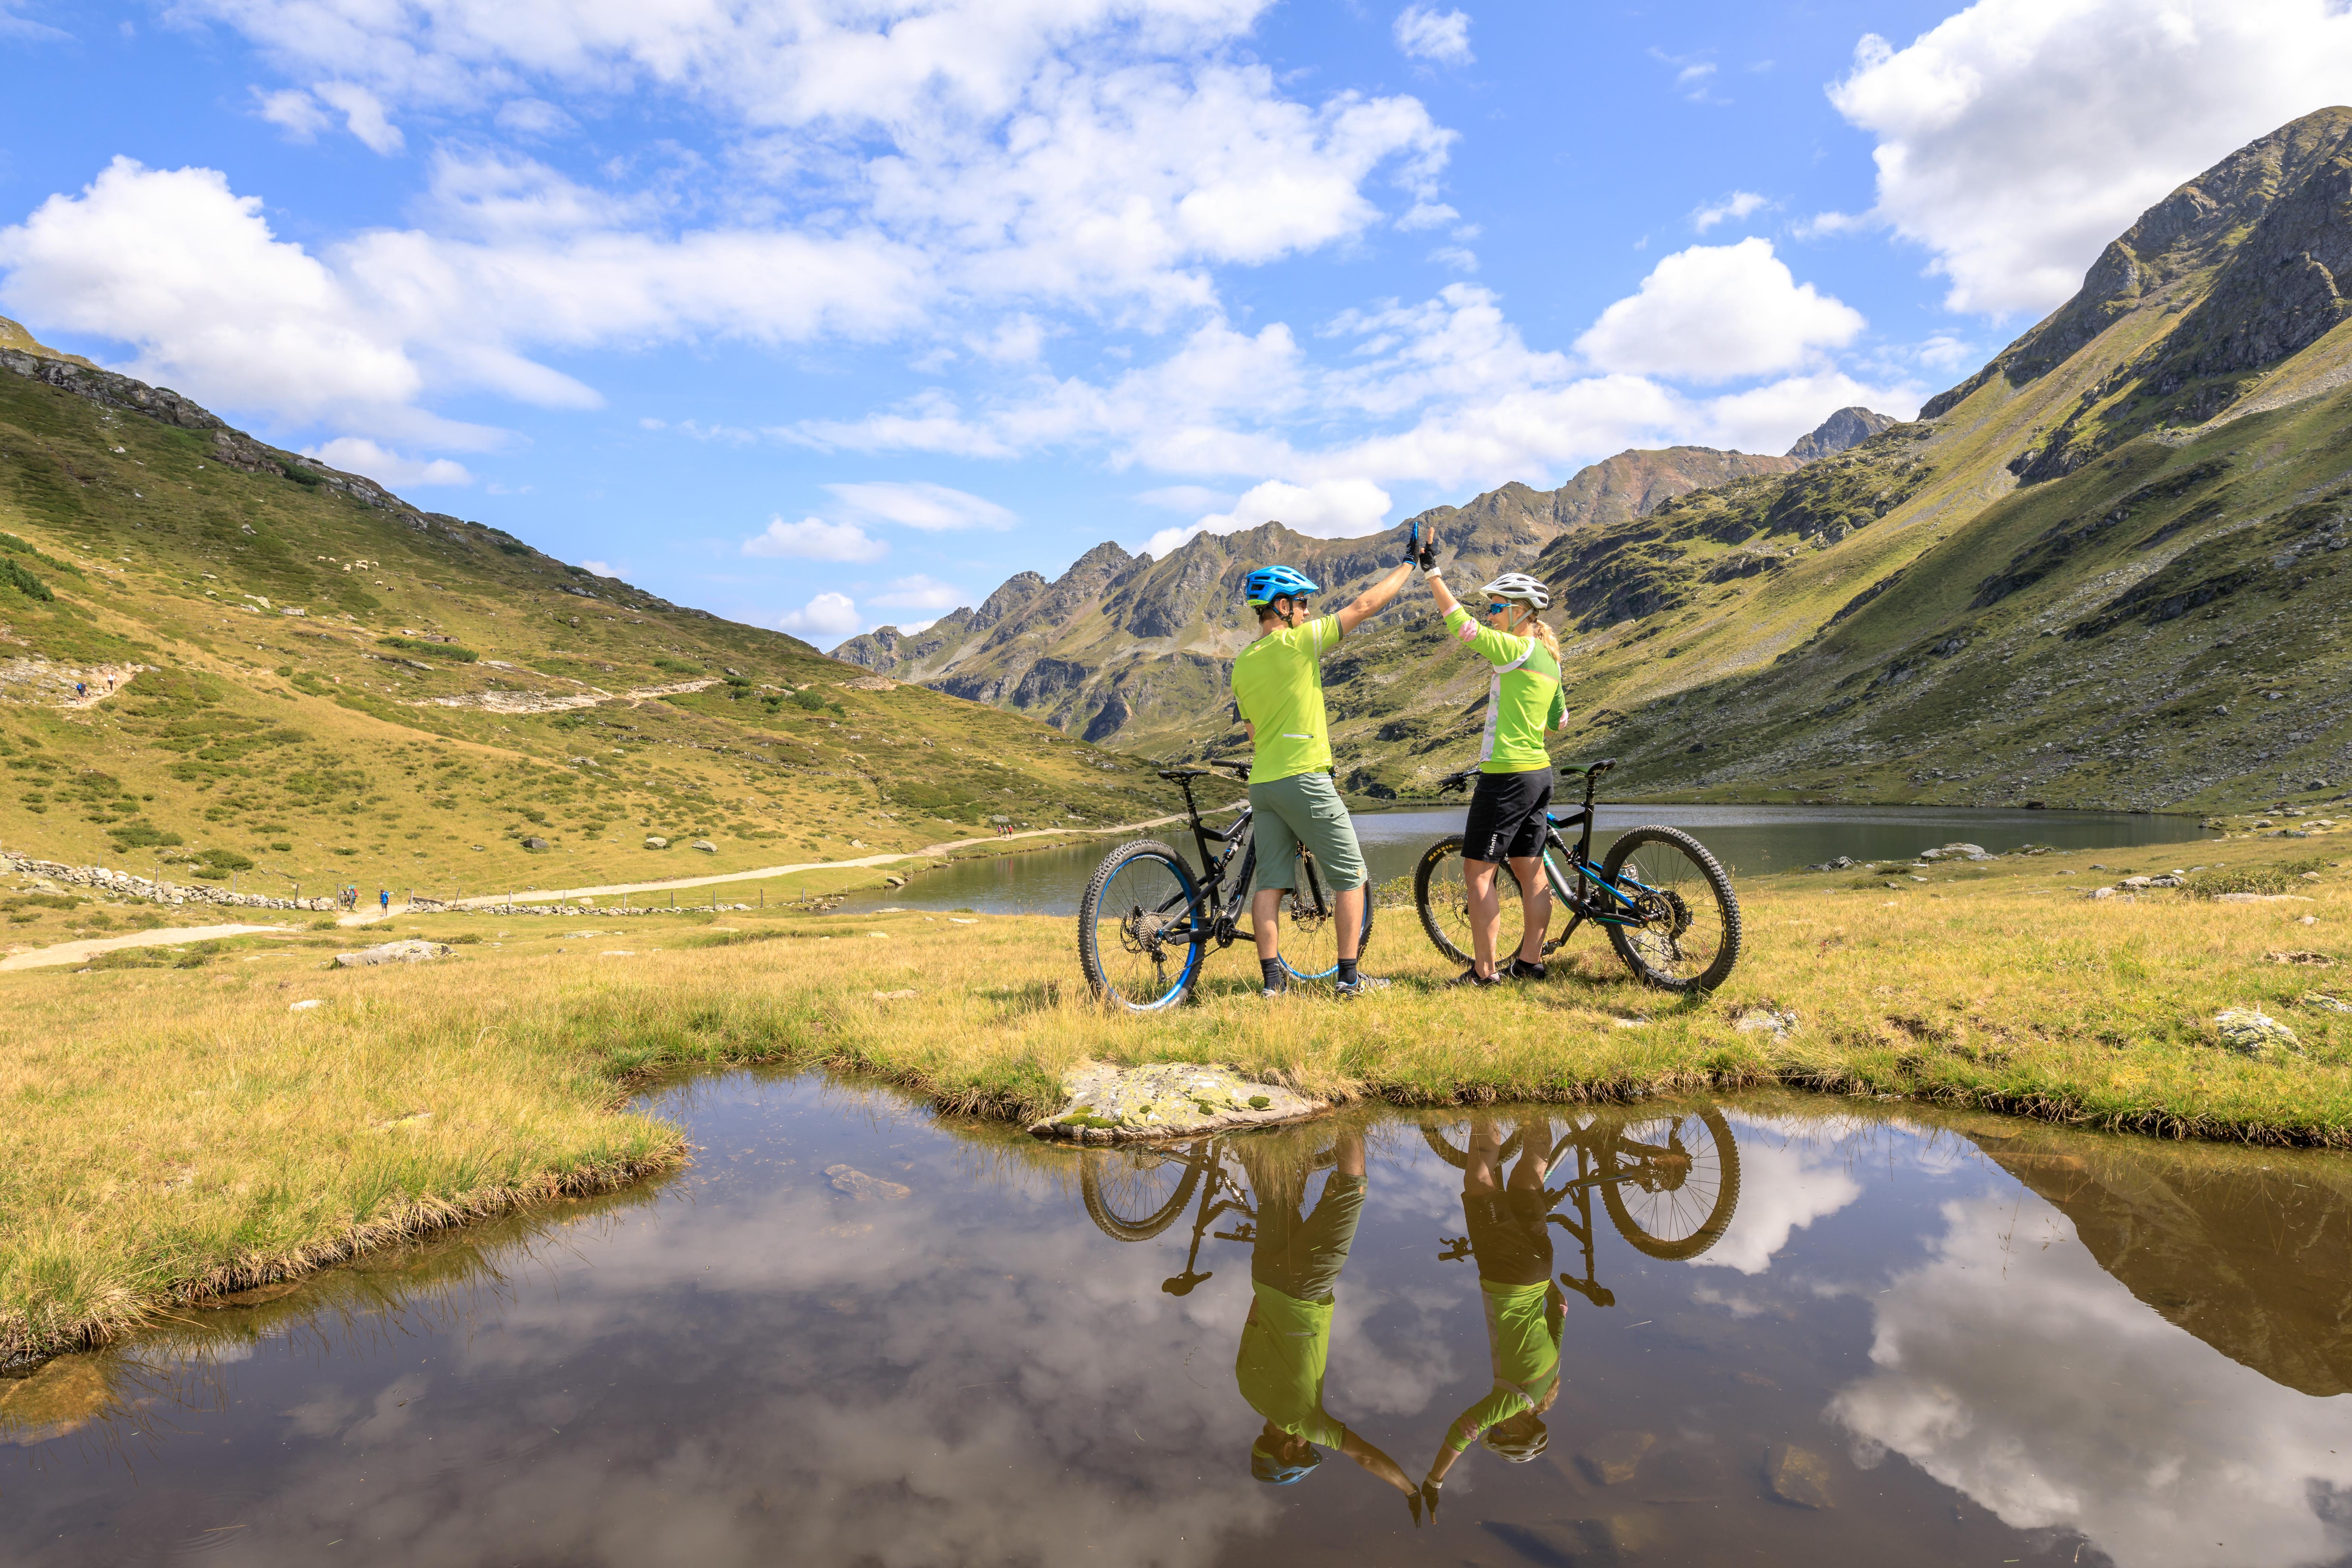 25.08.2017, Schladming, Steiermark, Österreich (Austria): Mountainbike-Shooting mit Sofie und Thomas bei den Giglachseen in den Schladminger Tauern.  Fotocredit: Martin Huber